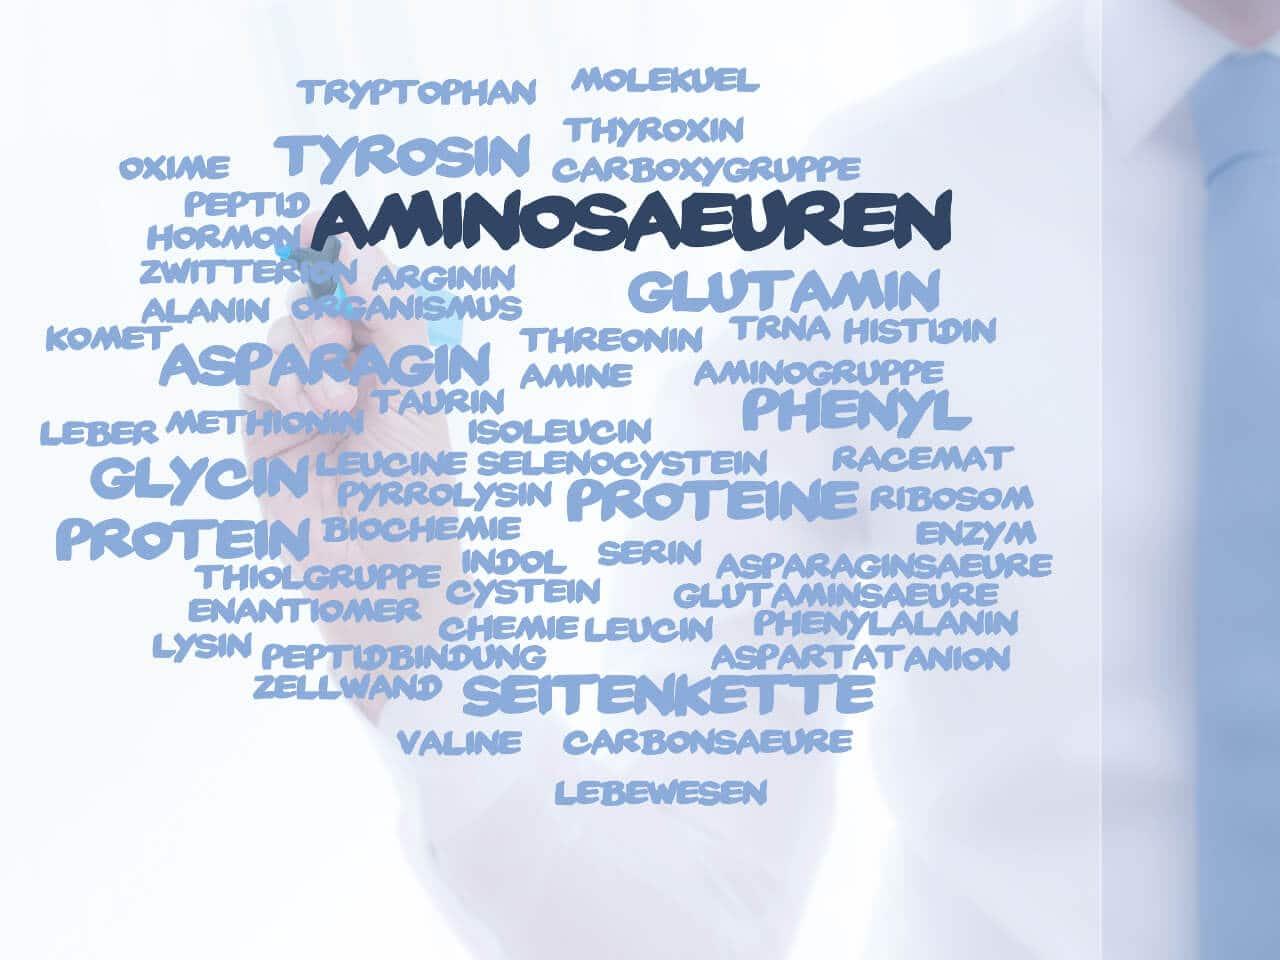 Aminosäuren in Whey protein enthalten